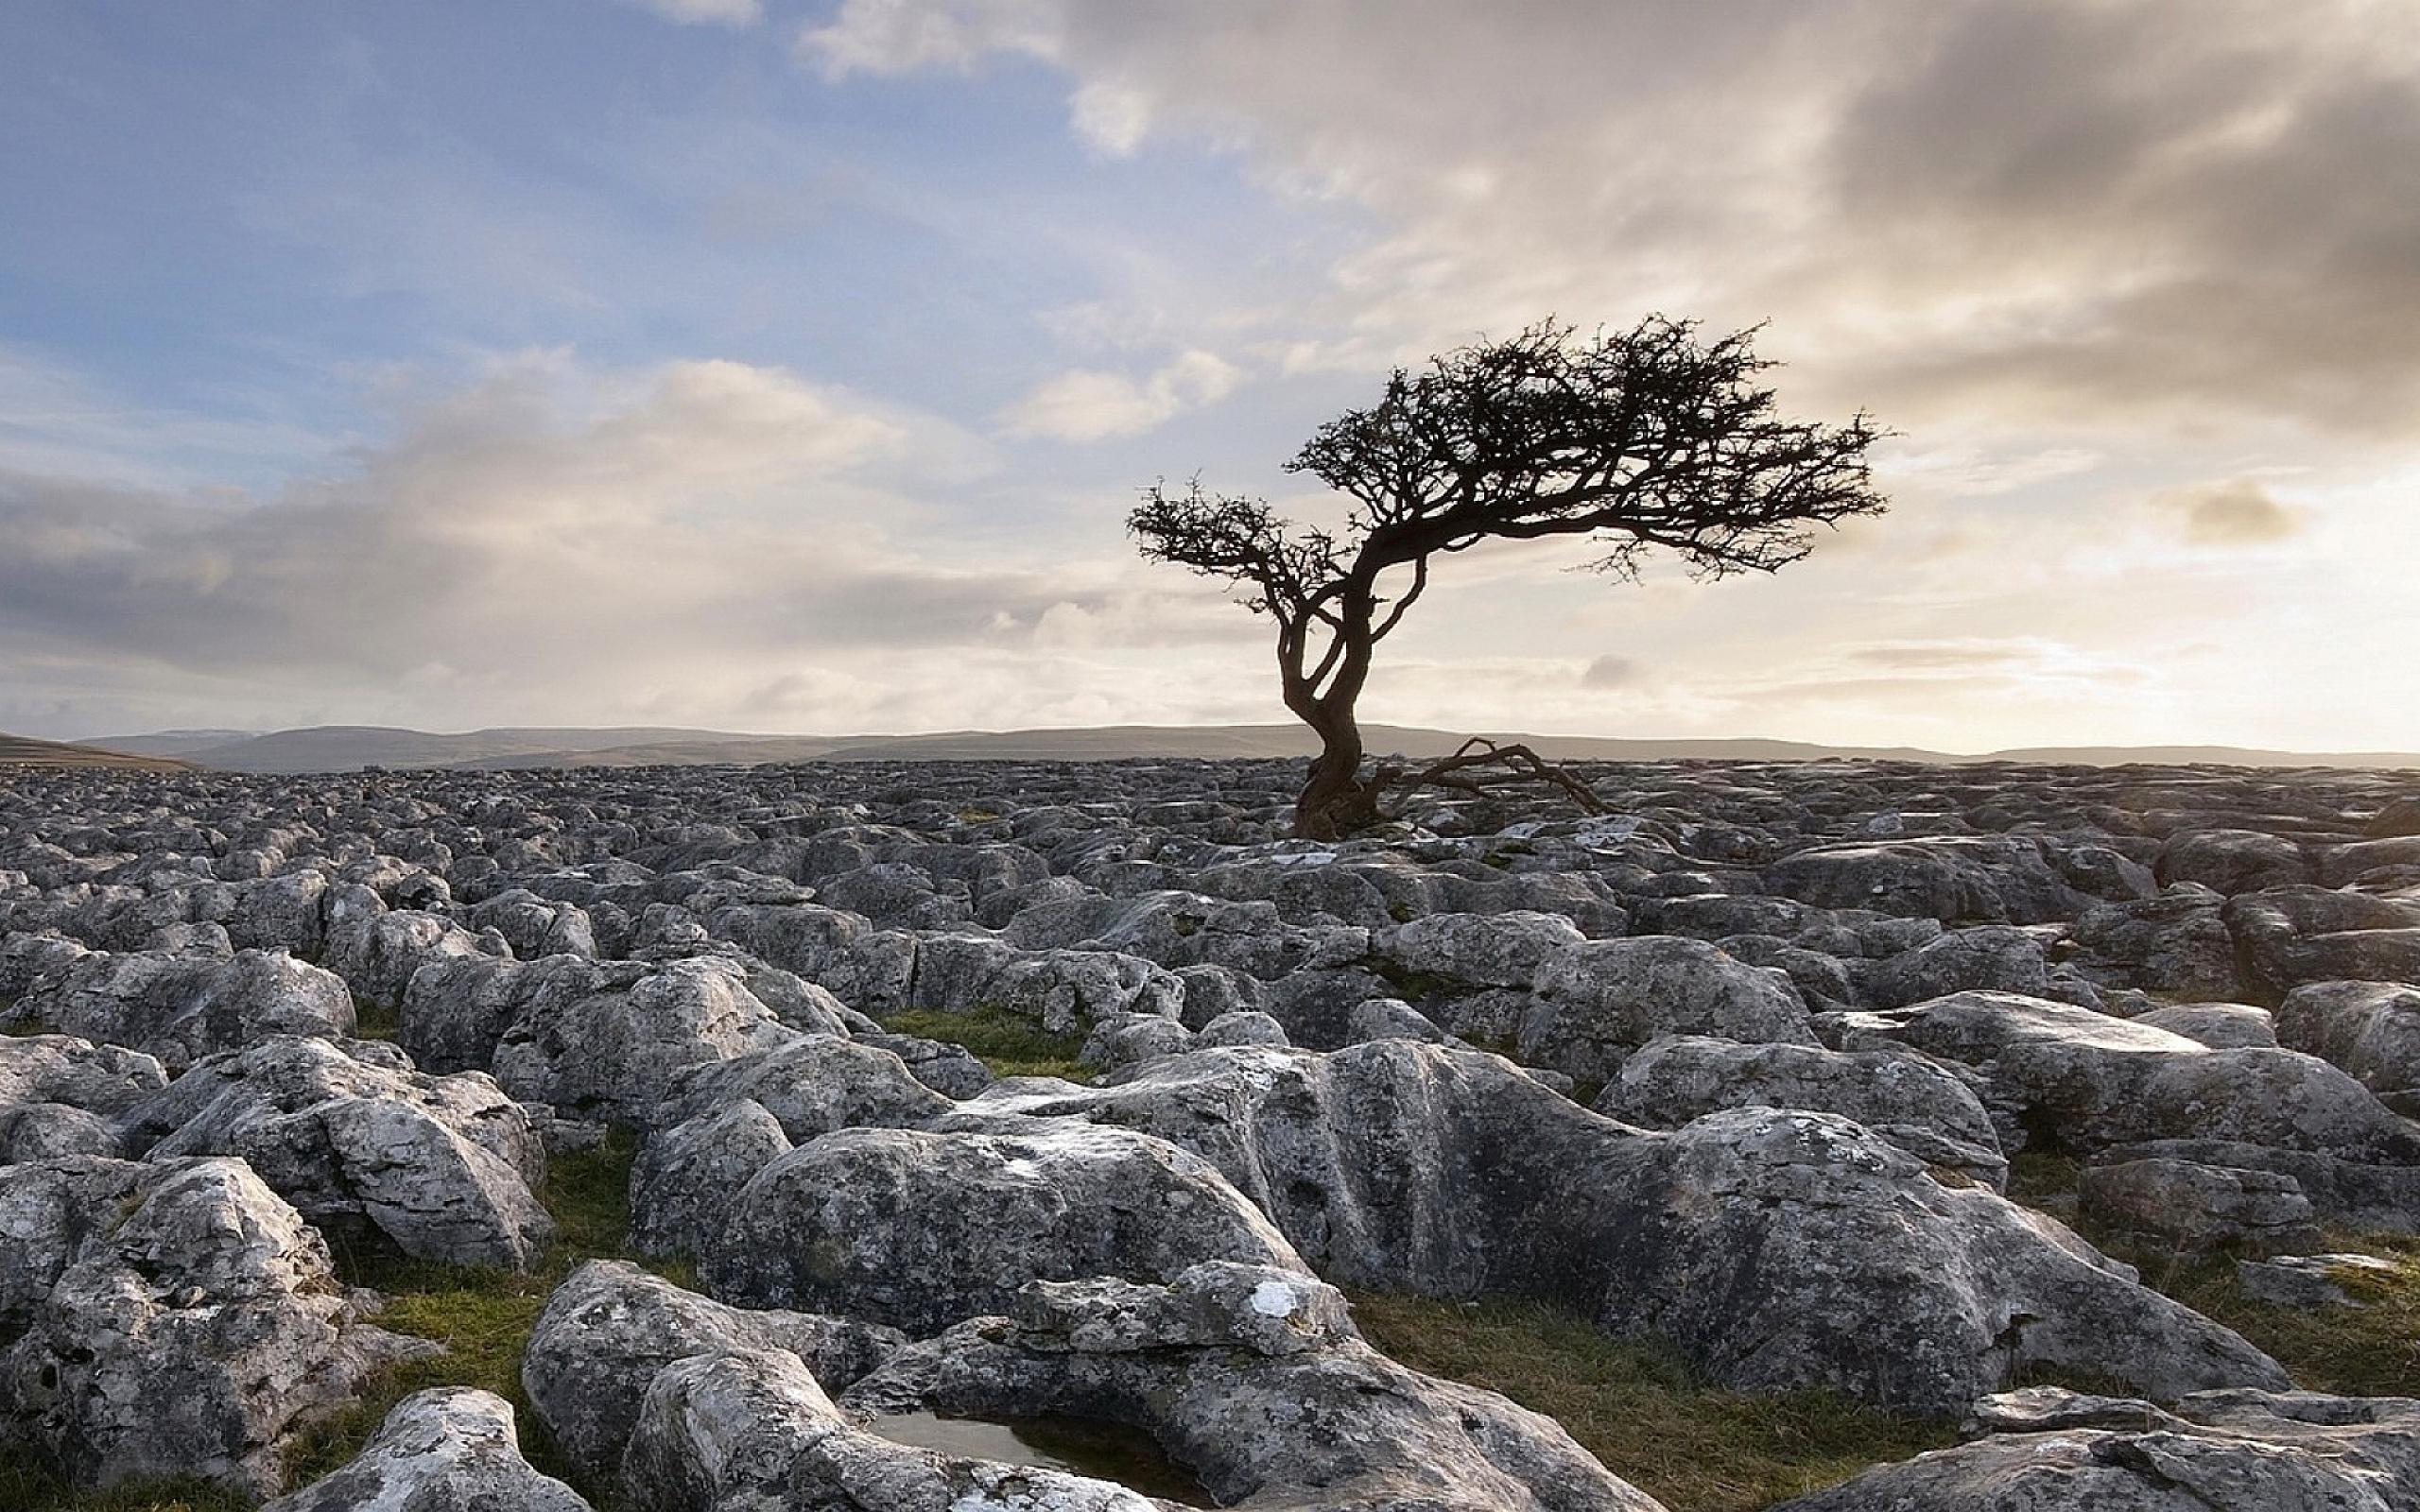 Stony Landscape Tree